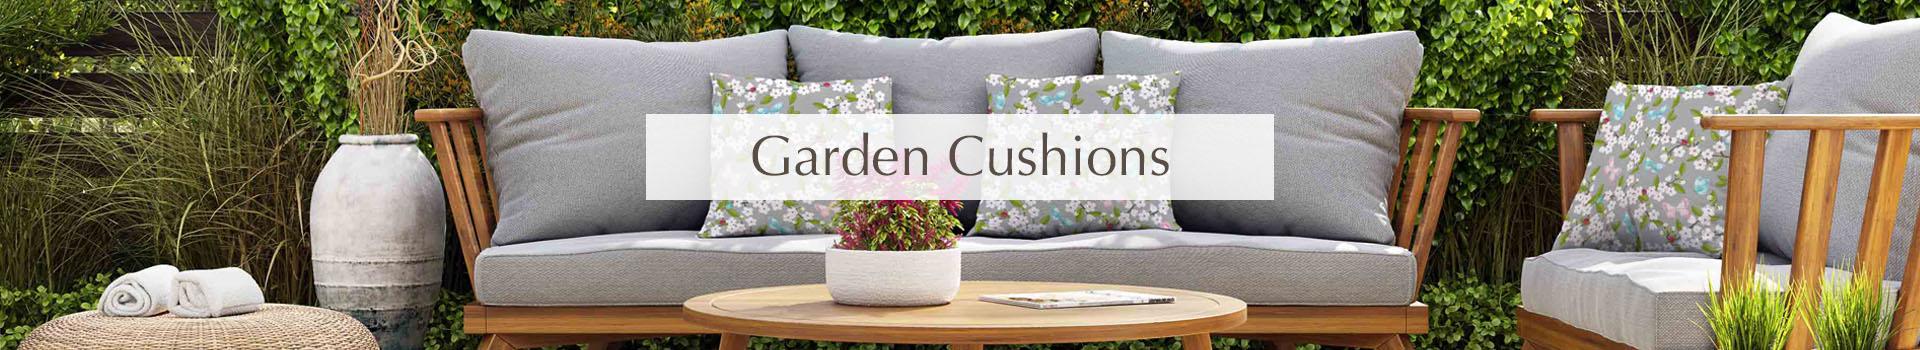 garden-cushions-2.jpg